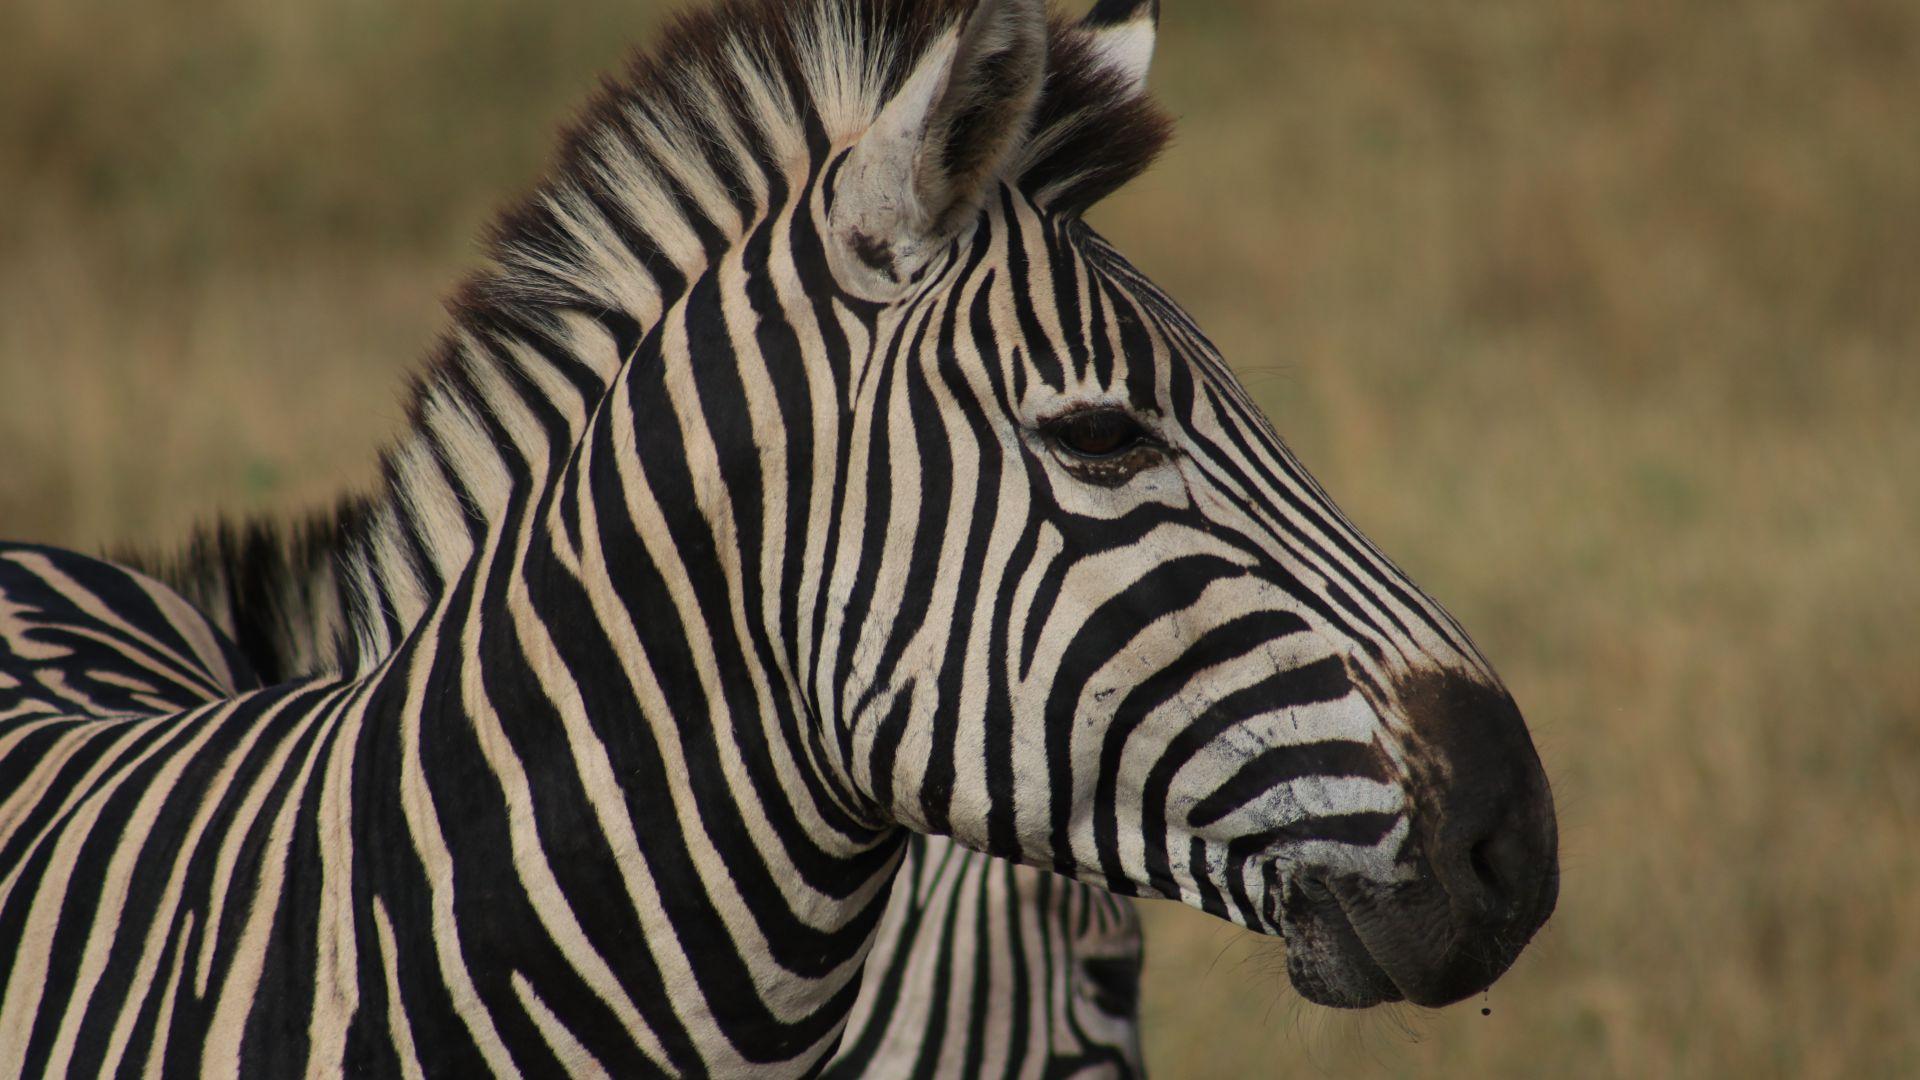 site de rencontre pour zebres)